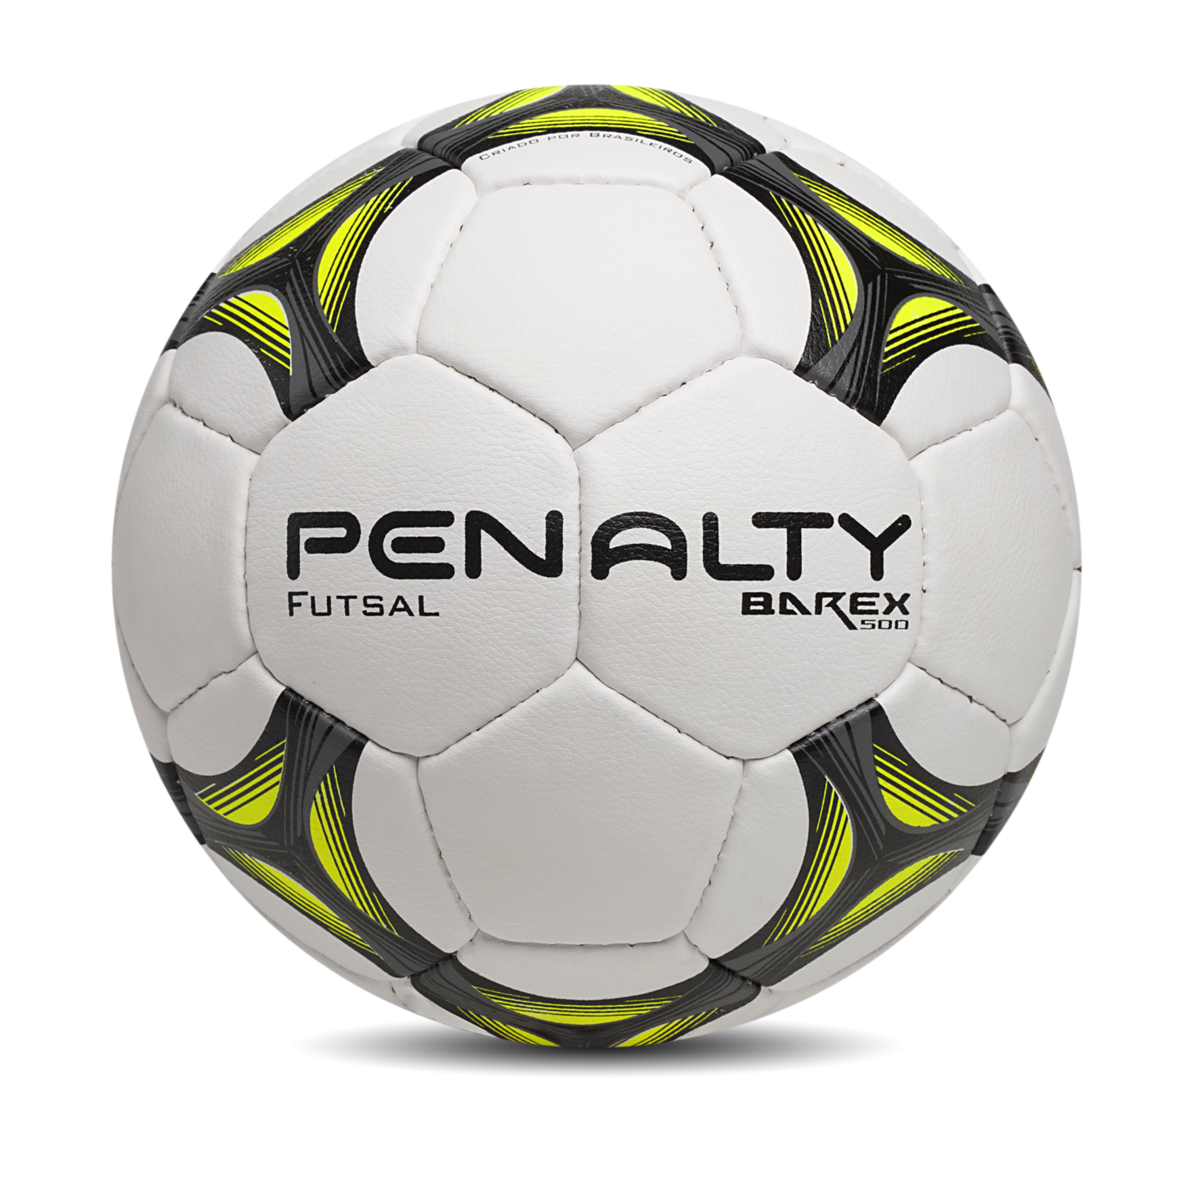 Bola Futsal Penalty Barex 500 – 510836 – Branco e Chumbo  15a3a0584b365